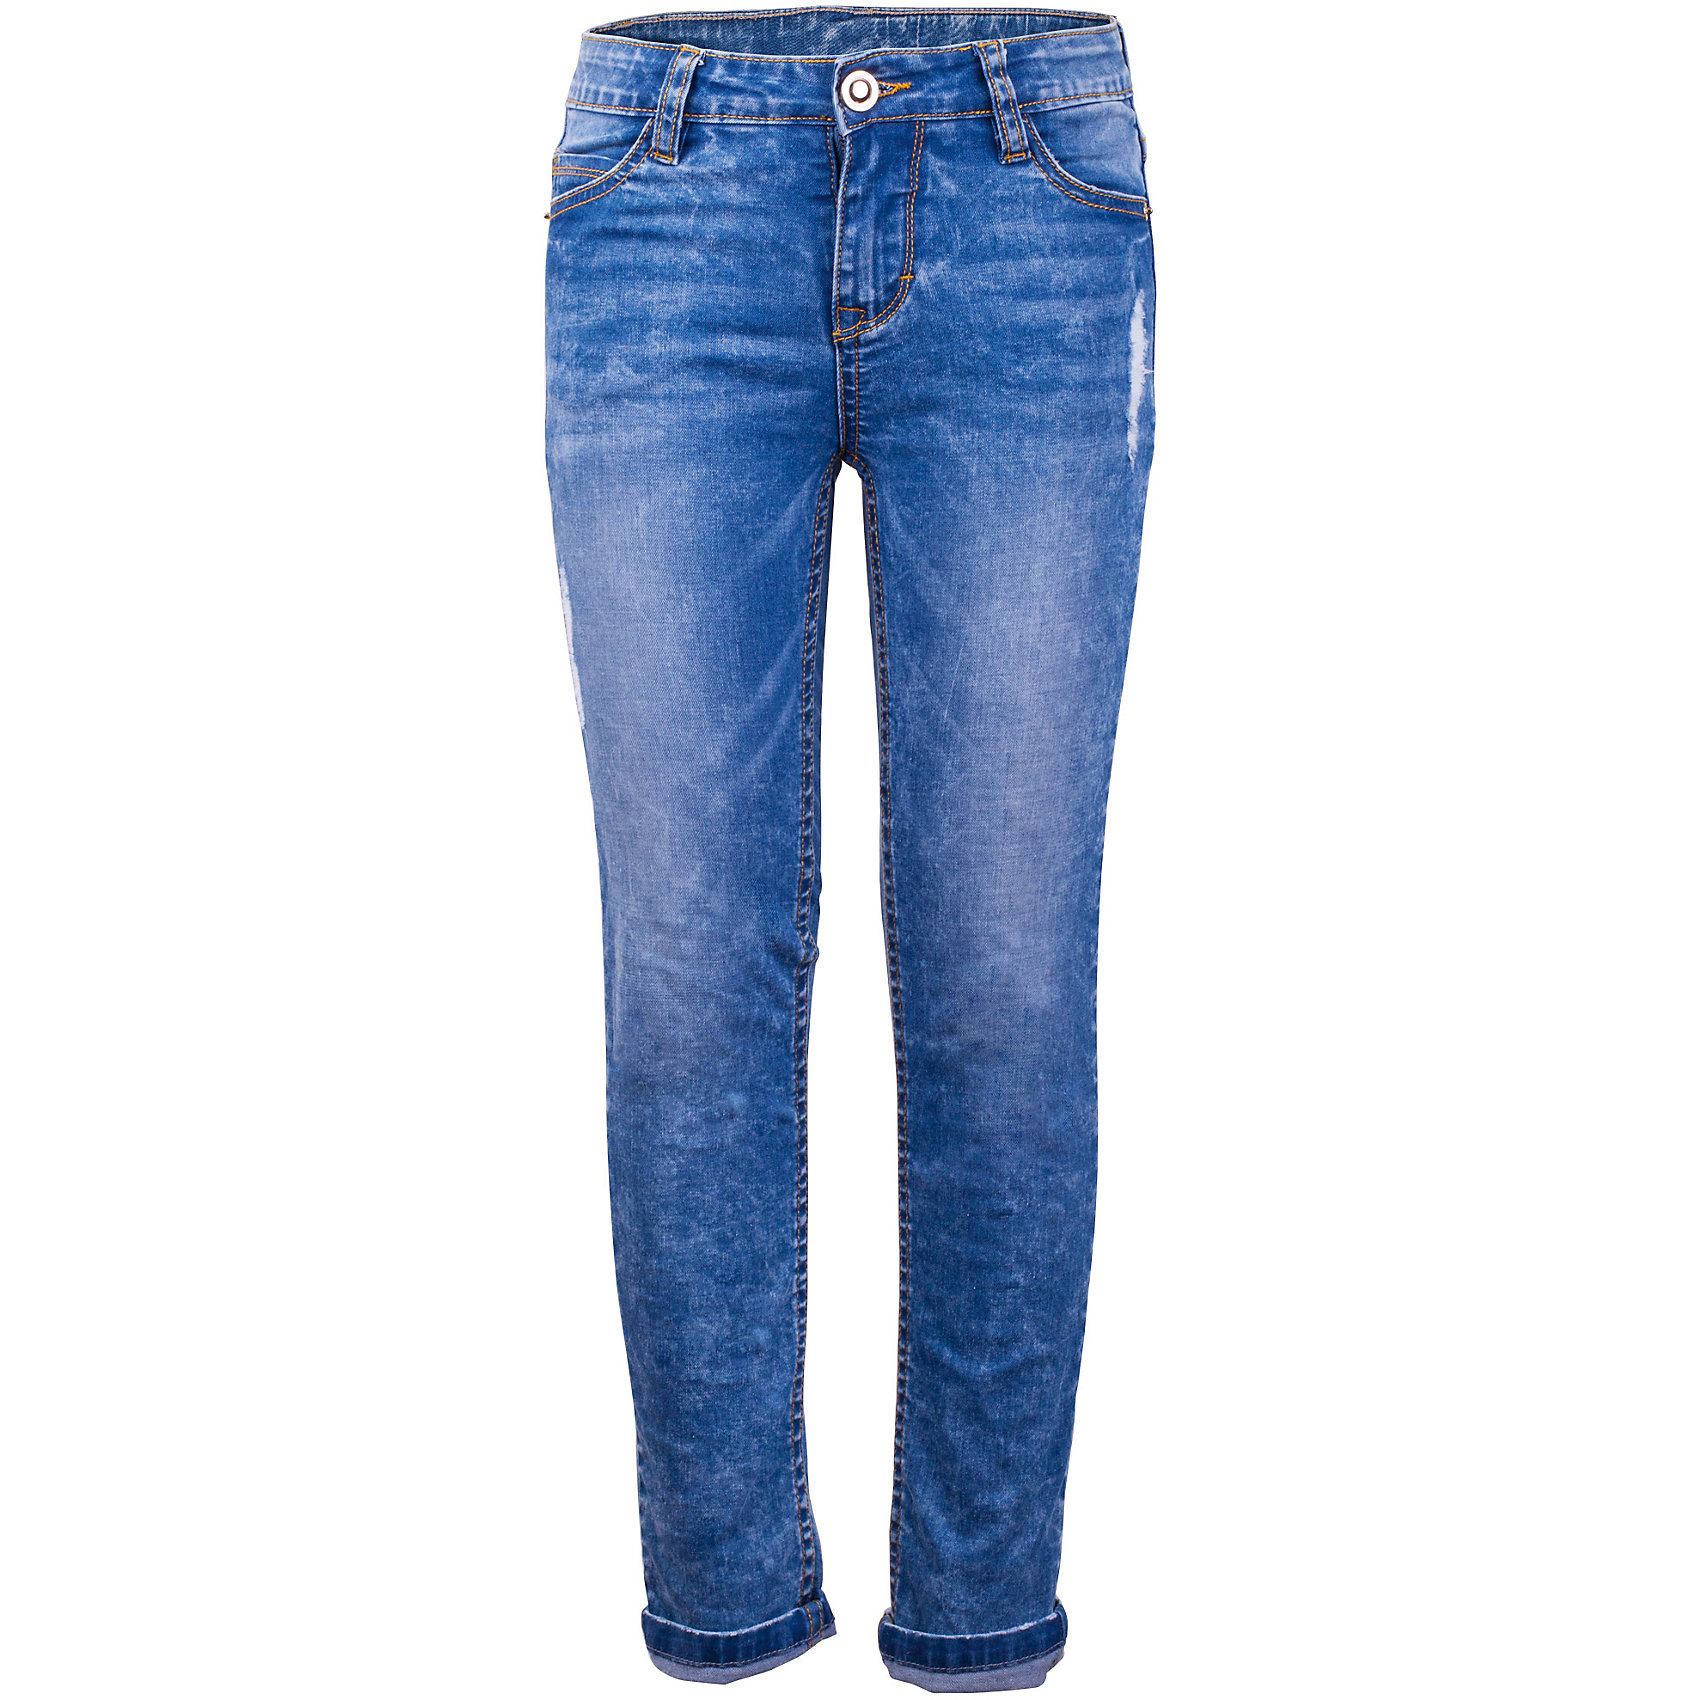 Джинсы для девочки GulliverШкольный сезон приближается к концу и пора составлять весенне-летний гардероб ребенка... Облегающие джинсы с варкой, потертостями и мелкими повреждениями будут лучшим подарком для юной модницы, став основой ее повседневного образа. Если вы решили купить хорошие детские джинсы, эта модель, обеспечивающая красивую посадку изделия на фигуре, удобство и функциональность - беспроигрышный вариант.<br>Состав:<br>98% хлопок      2% эластан<br><br>Ширина мм: 215<br>Глубина мм: 88<br>Высота мм: 191<br>Вес г: 336<br>Цвет: синий<br>Возраст от месяцев: 108<br>Возраст до месяцев: 120<br>Пол: Женский<br>Возраст: Детский<br>Размер: 140,122,128,134<br>SKU: 5484046